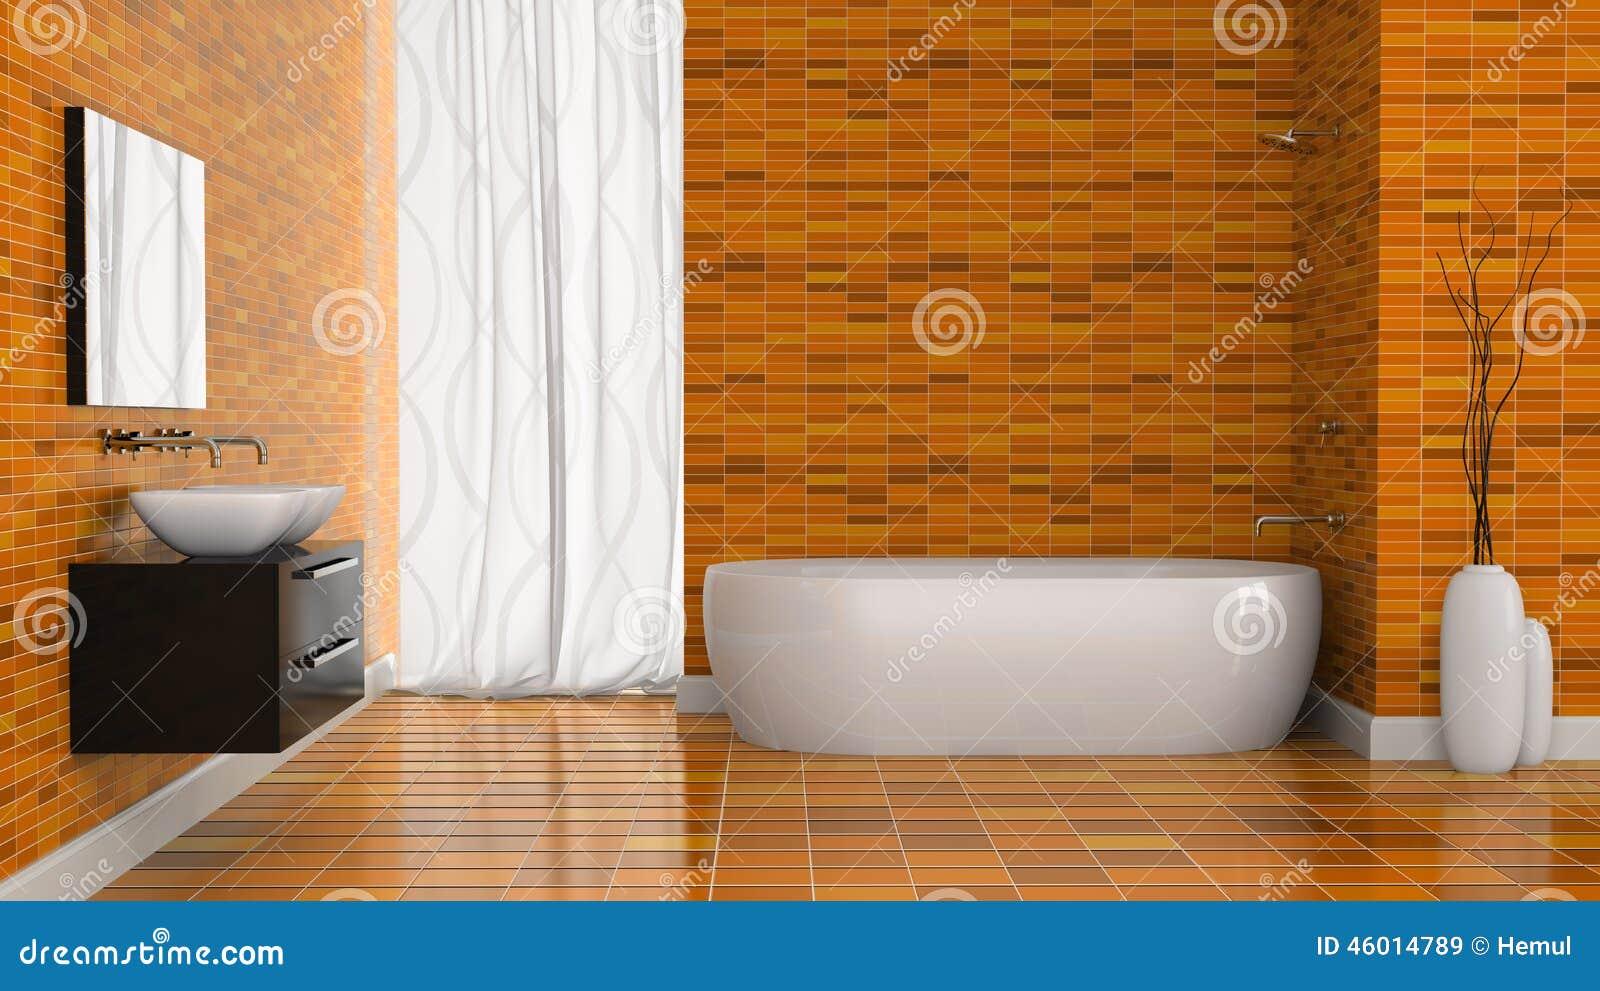 Int rieur de salle de bains moderne avec le mur orange de - Interieur salle de bain moderne ...